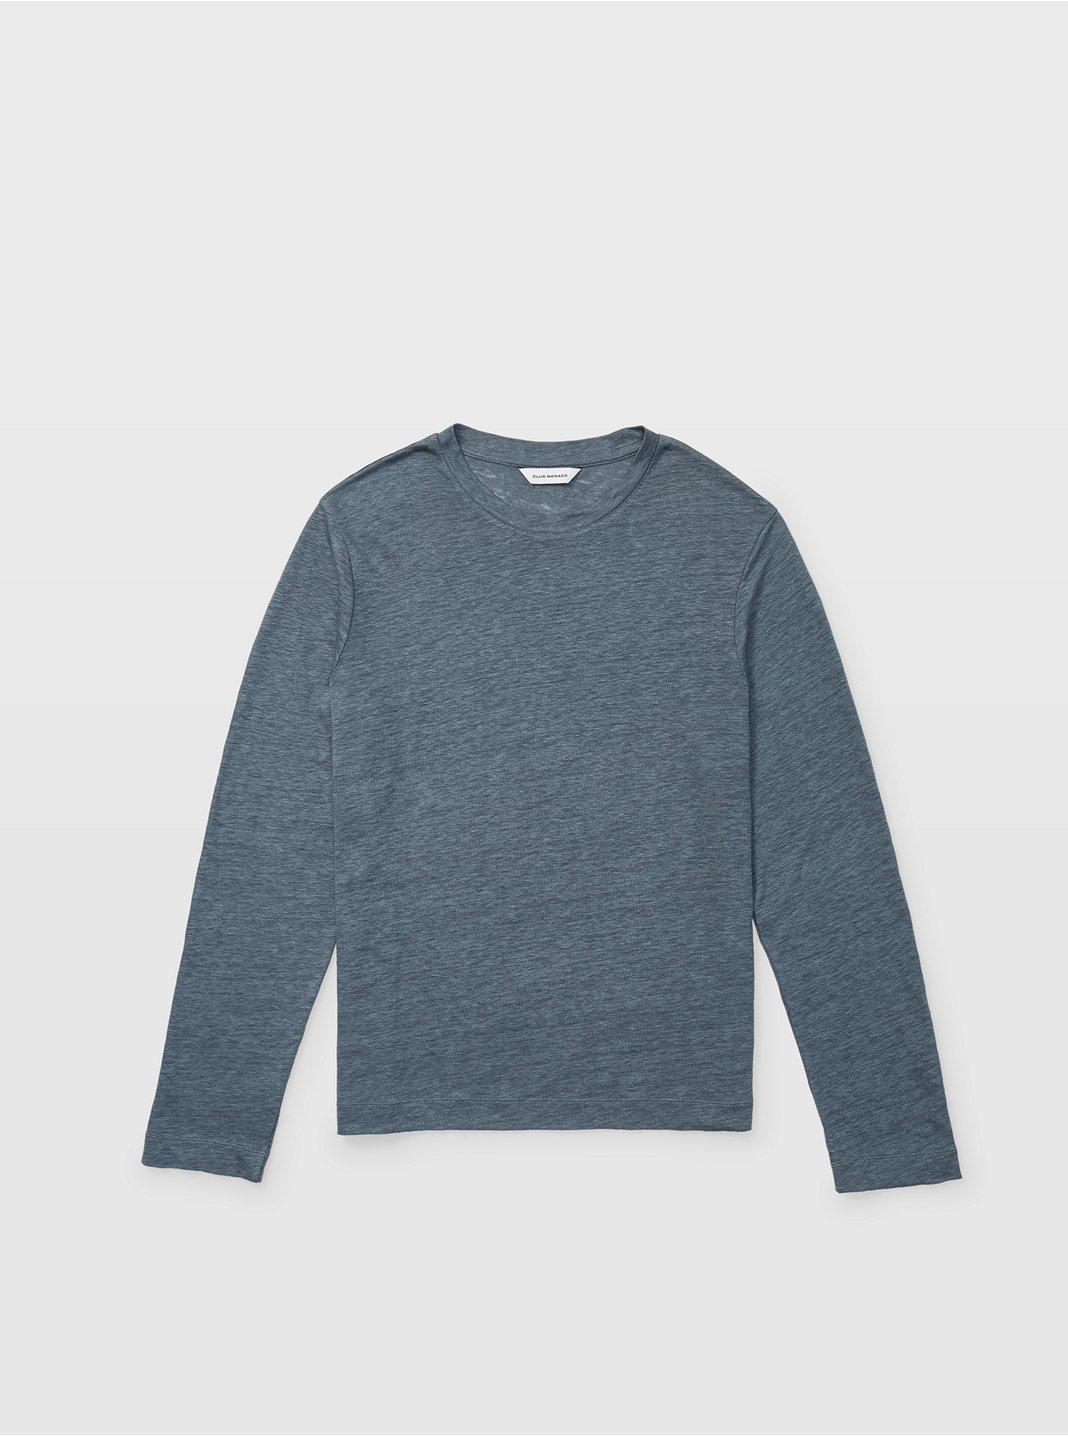 클럽 모나코 맨 리넨 긴팔 티셔츠 Club Monaco Long-Sleeve Linen Crew